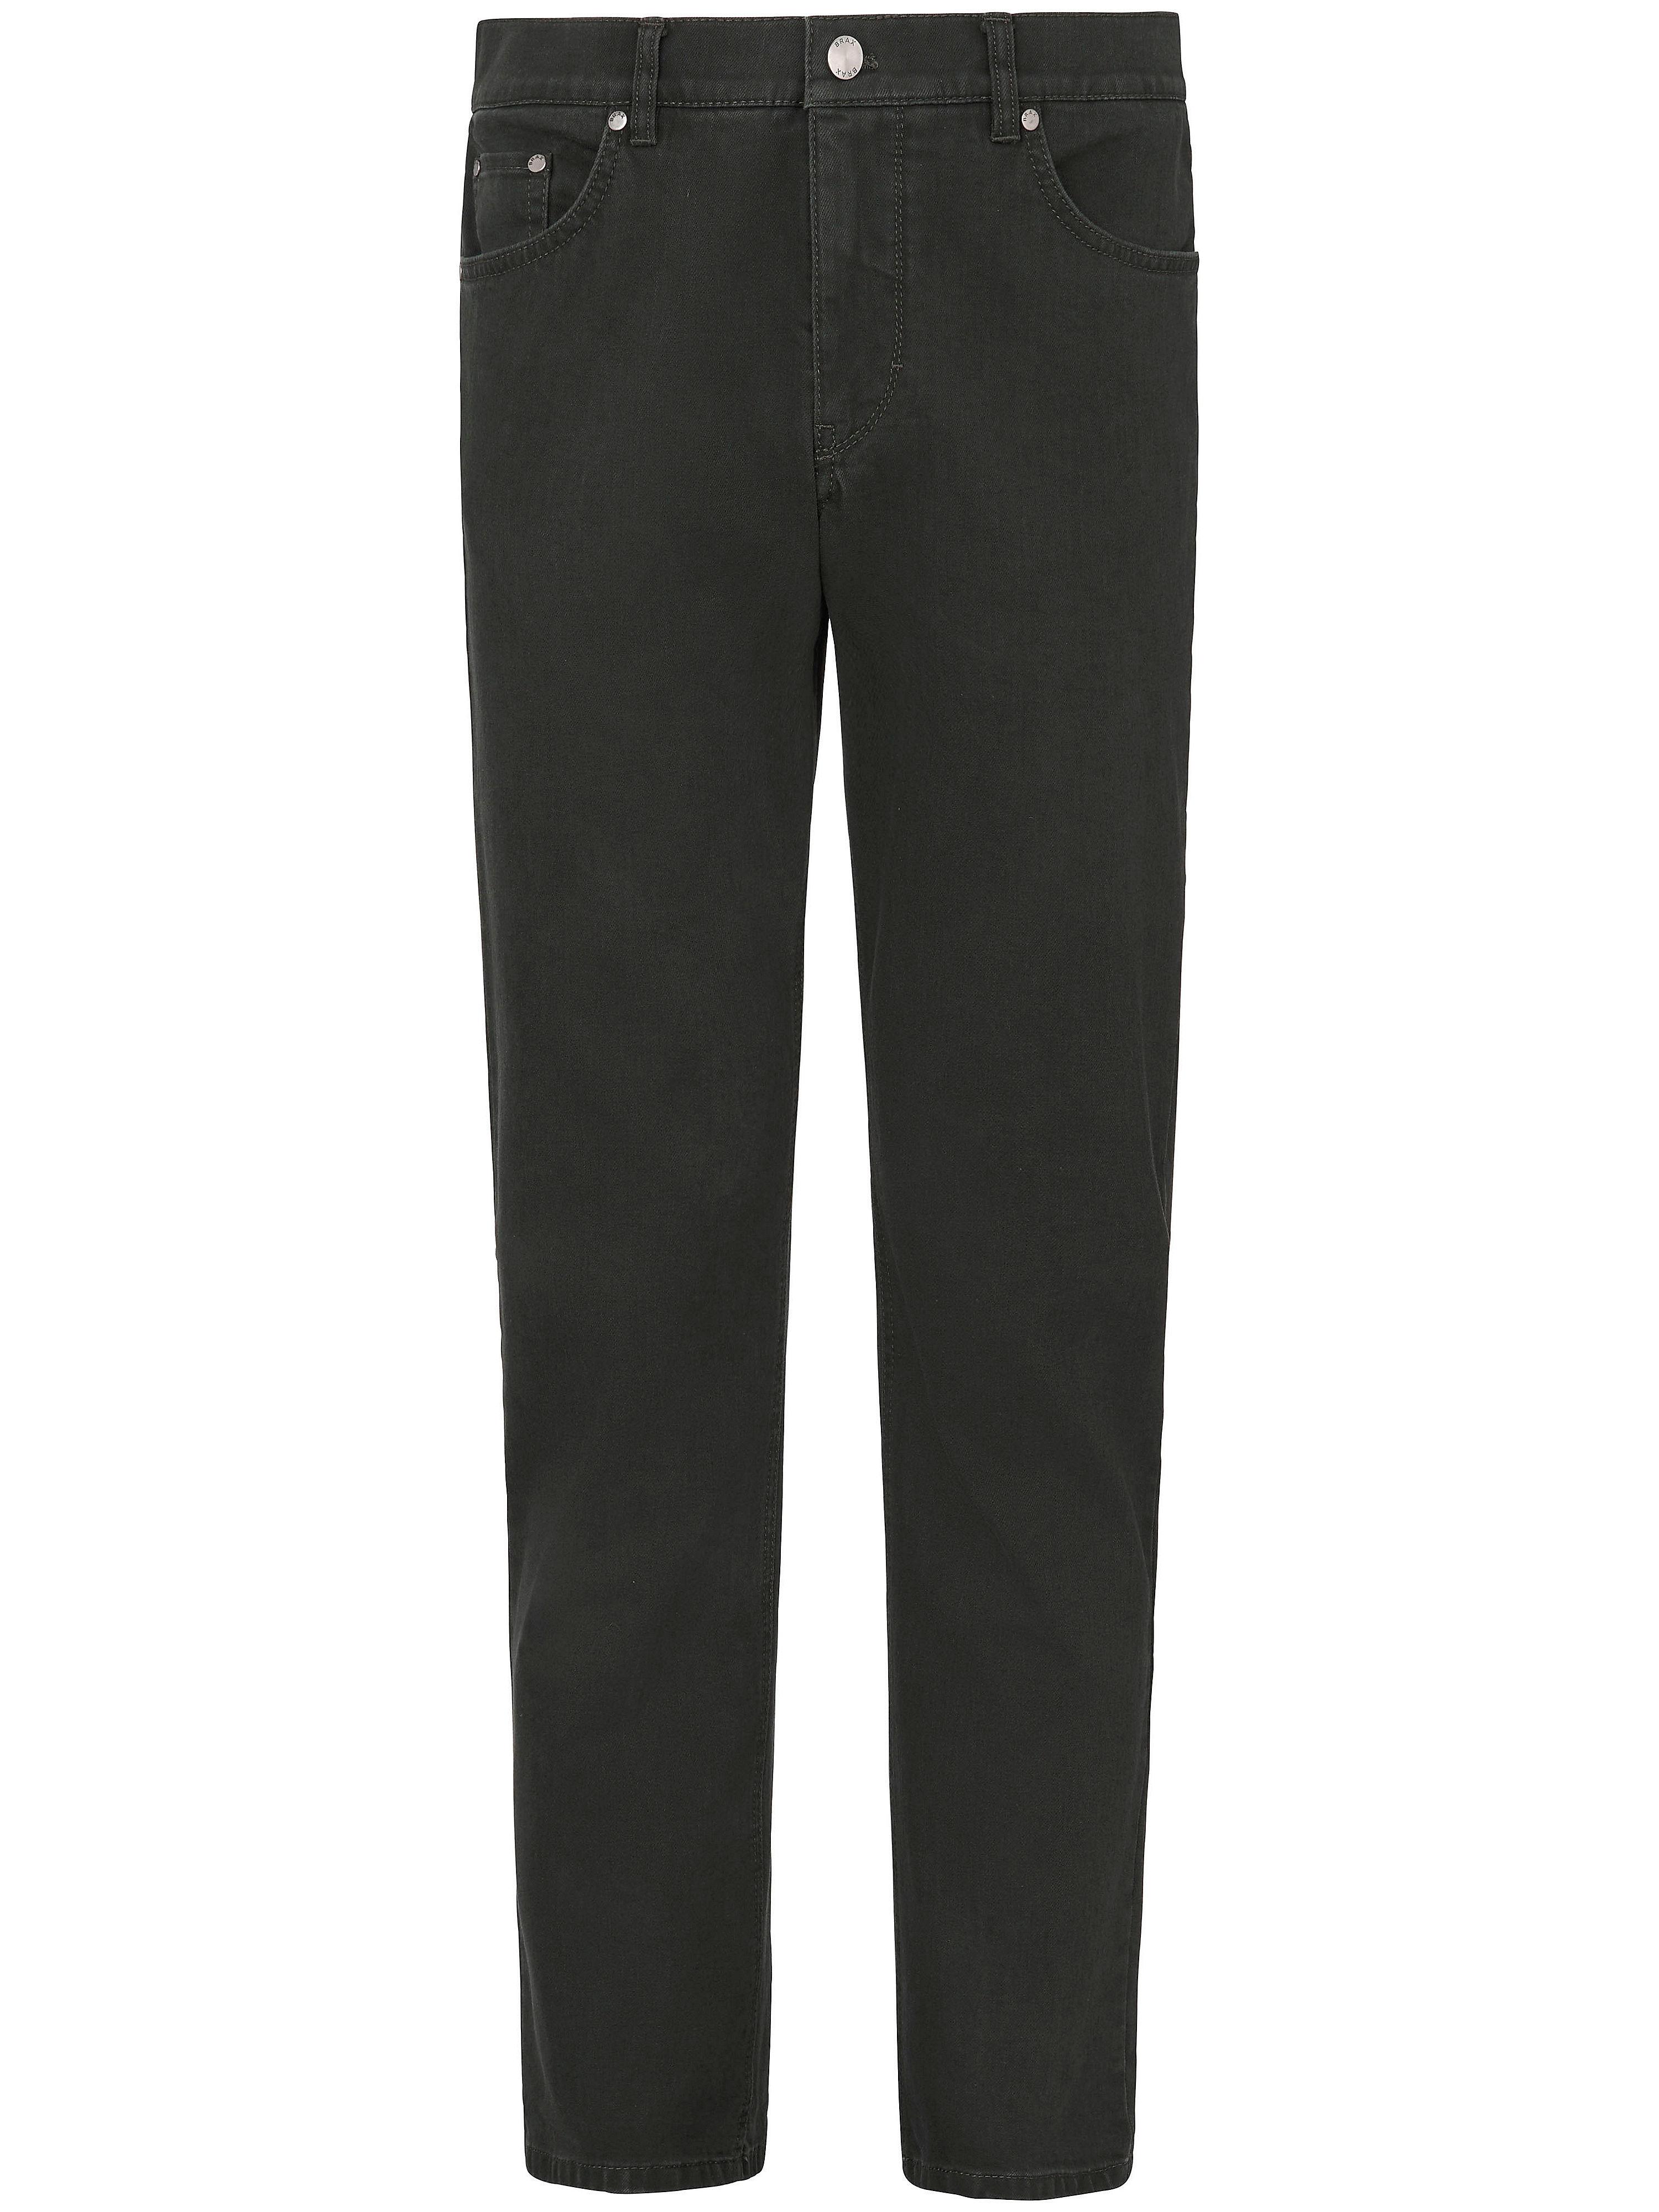 42ea44f0bdc Image of Comfortable Fit-jeans model Cooper denim Fra Brax Feel Good grøn